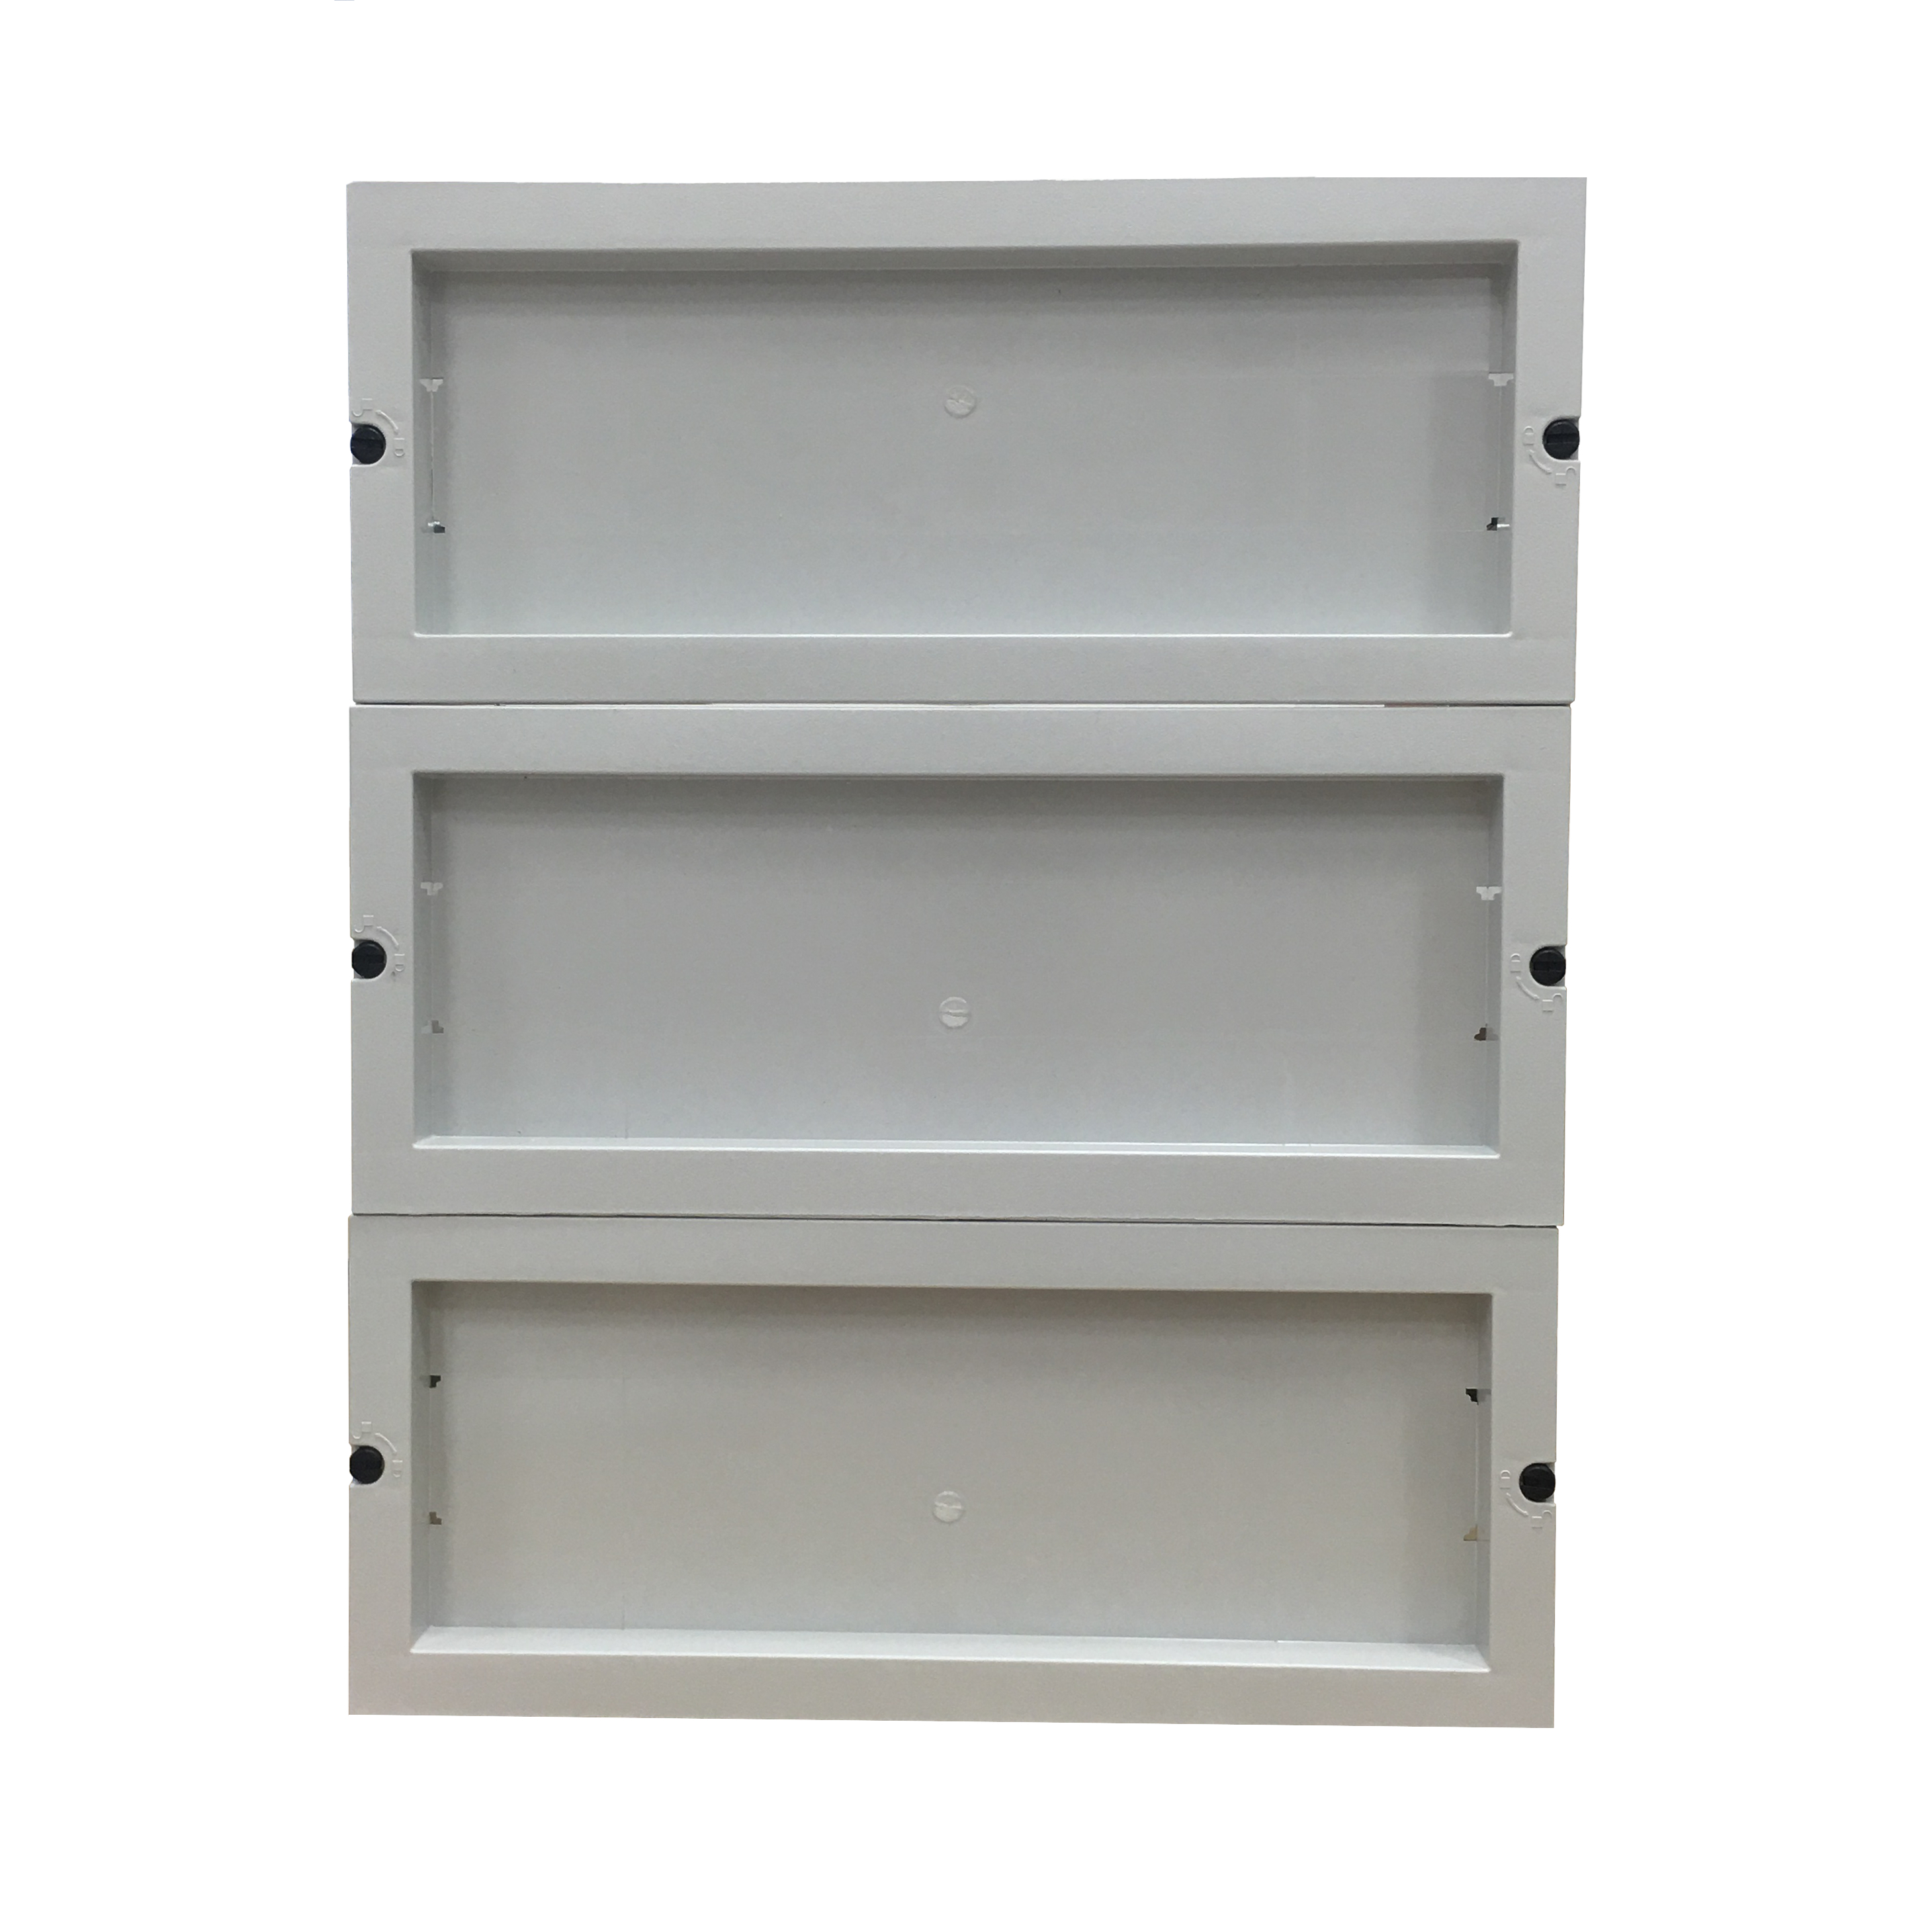 1 Stk Installationseinsatz für 400x300, 2x12 TE IMCH0043--